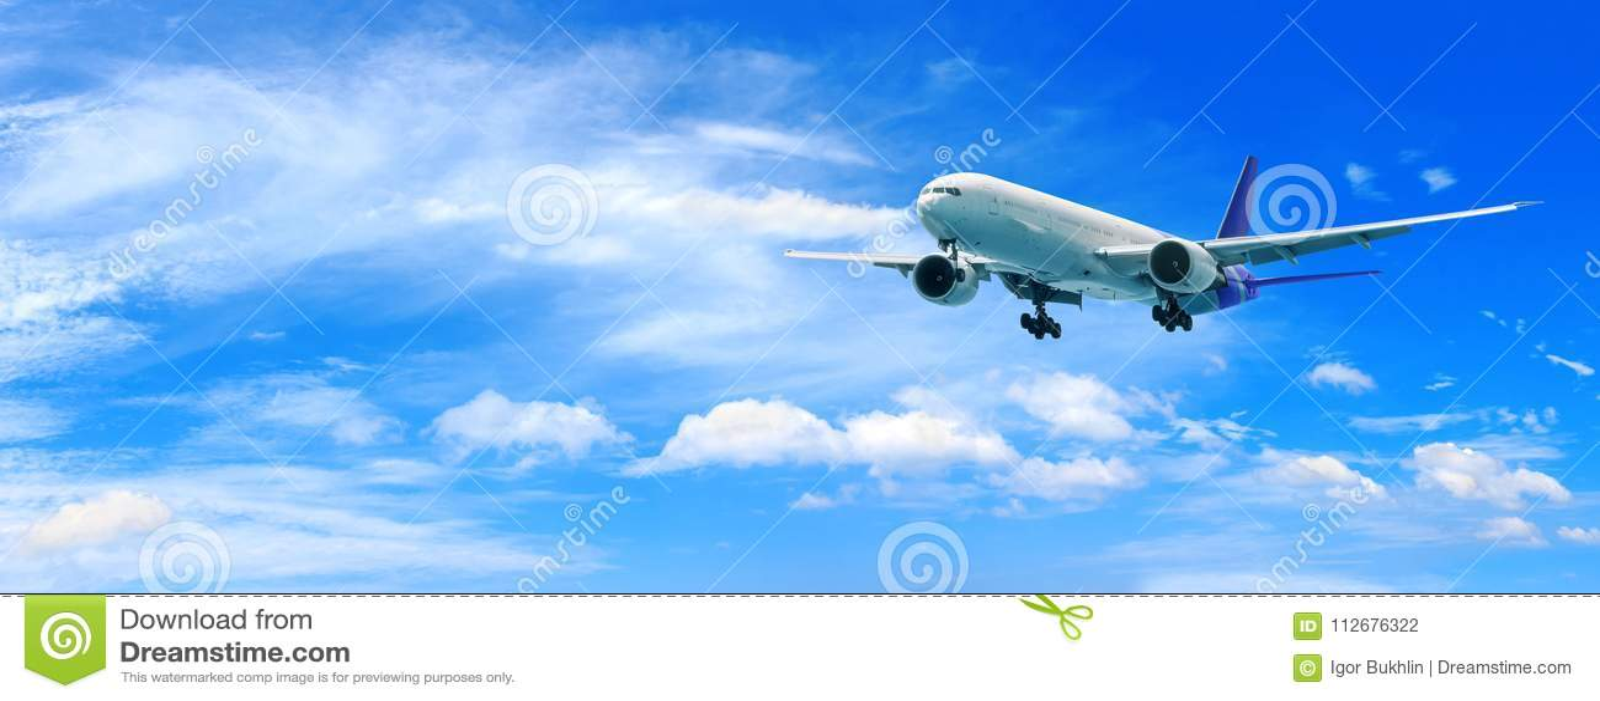 Volo dell aeroplano del passeggero sopra le nuvole Vista dall aereo della finestra al cielo stupefacente con le belle nuvole